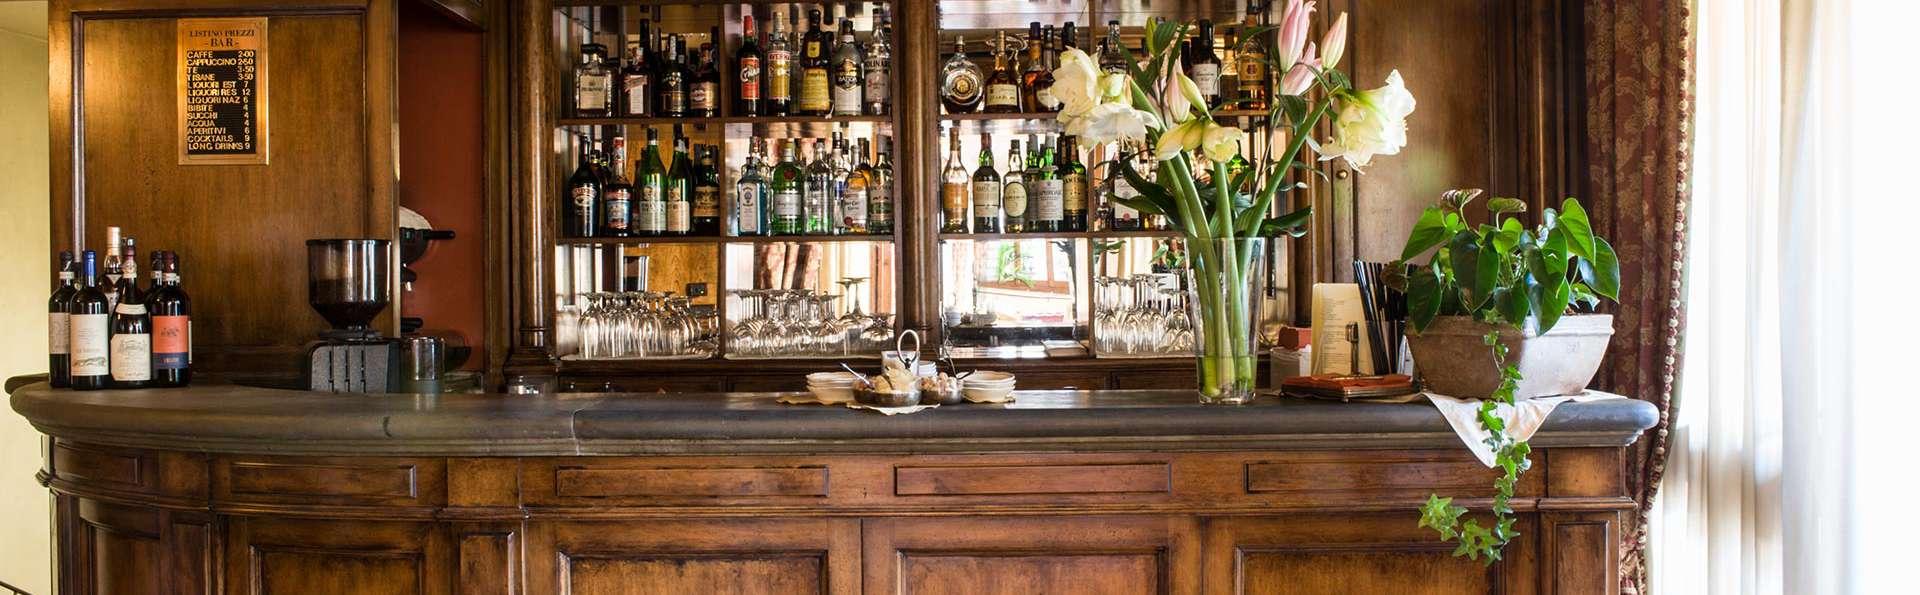 Économisez sur 3 nuits dans le centre de Florence avec spa et bouteille de vin !